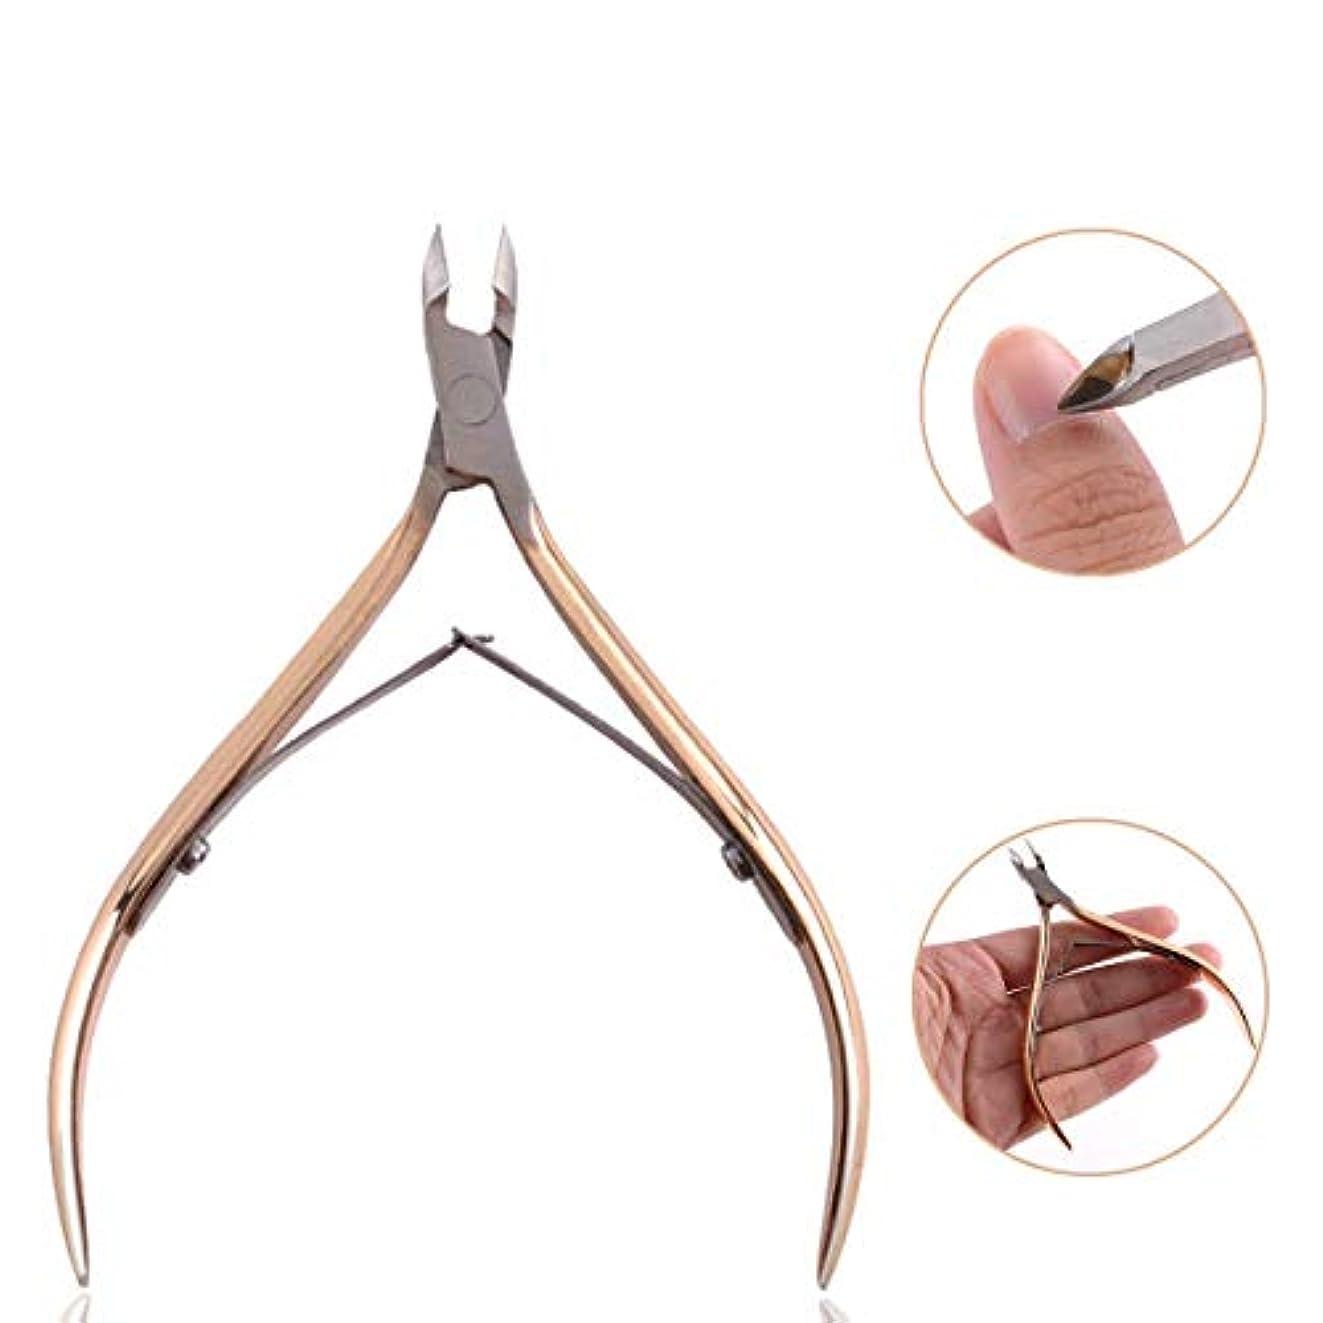 渇き非武装化延期するニッパー爪切り 爪切り 甘皮切り ステンレス製 切れ味抜群 厚い爪 変形爪 陥入爪 巻き爪に 水虫爪最適 高齢者 医療 介護 高品質 ギフト